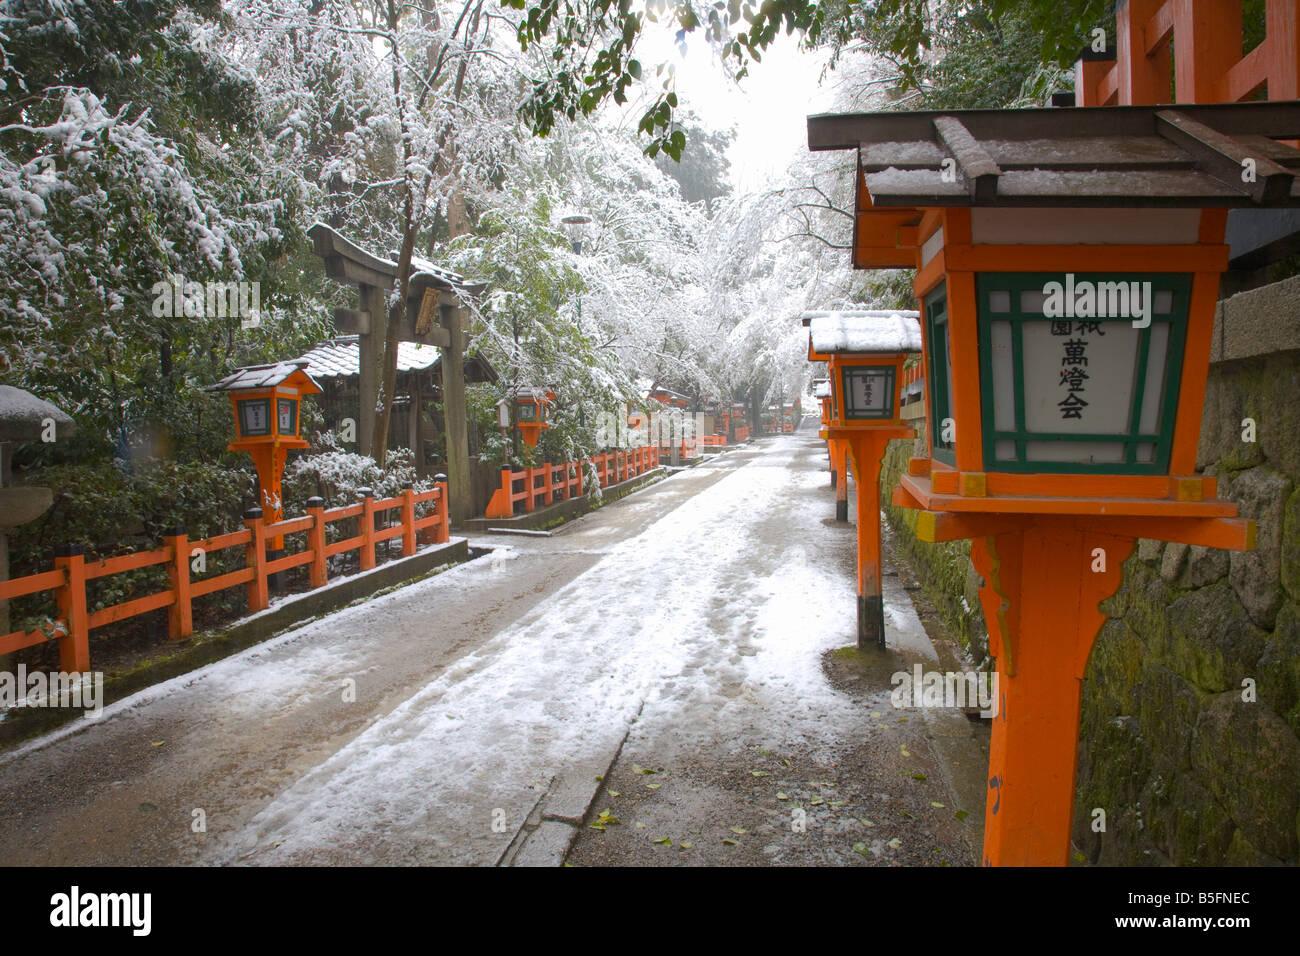 La ville de Kyoto Japon Yasaka quartier Gion sentier enneigé en chute de neige Photo Stock